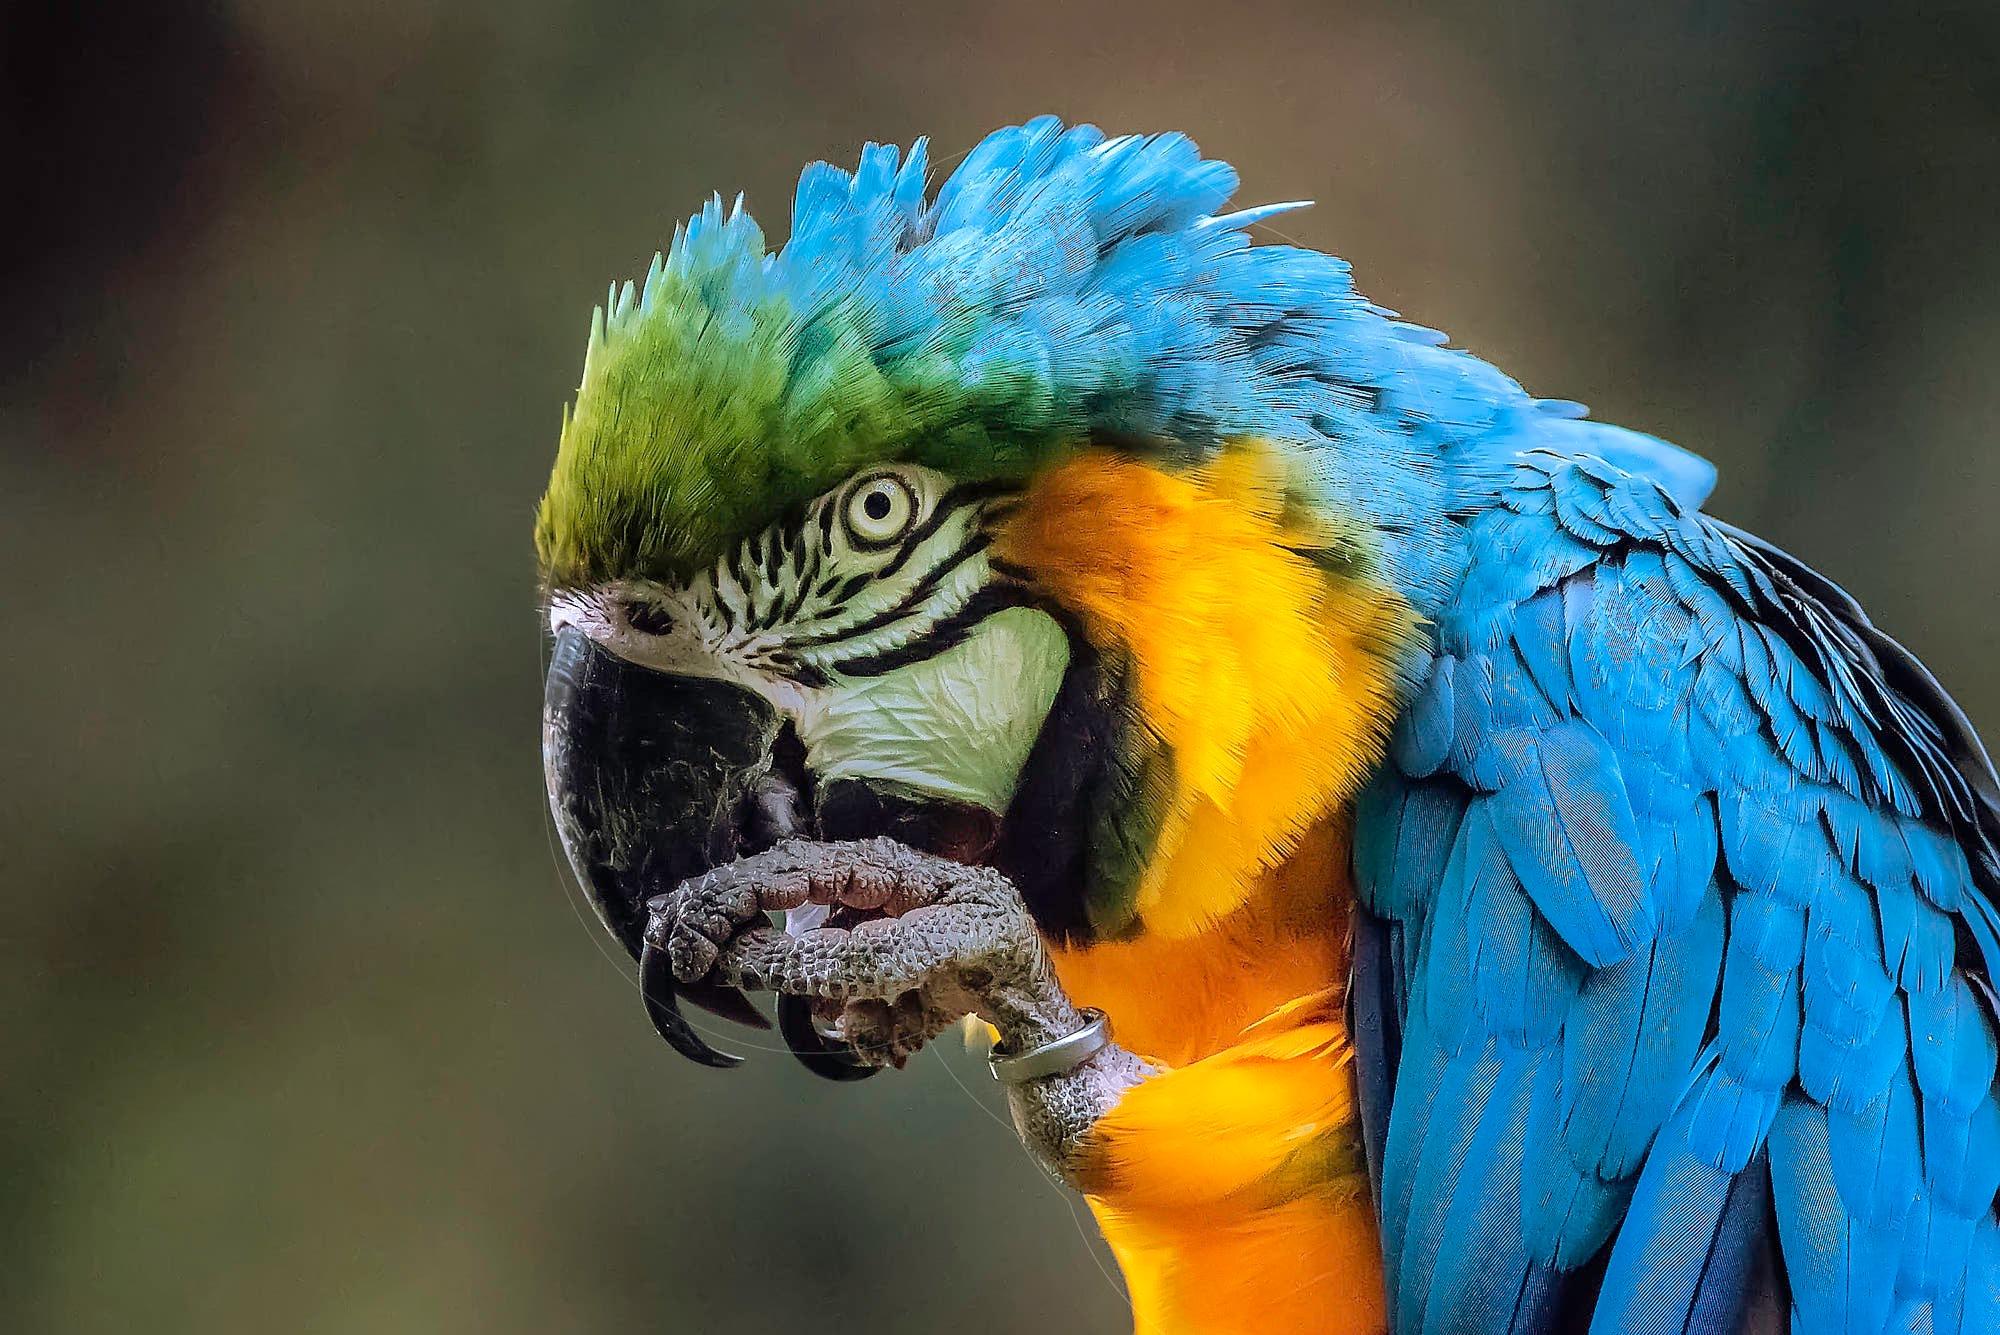 Vivid colors by sergiofernandes6767